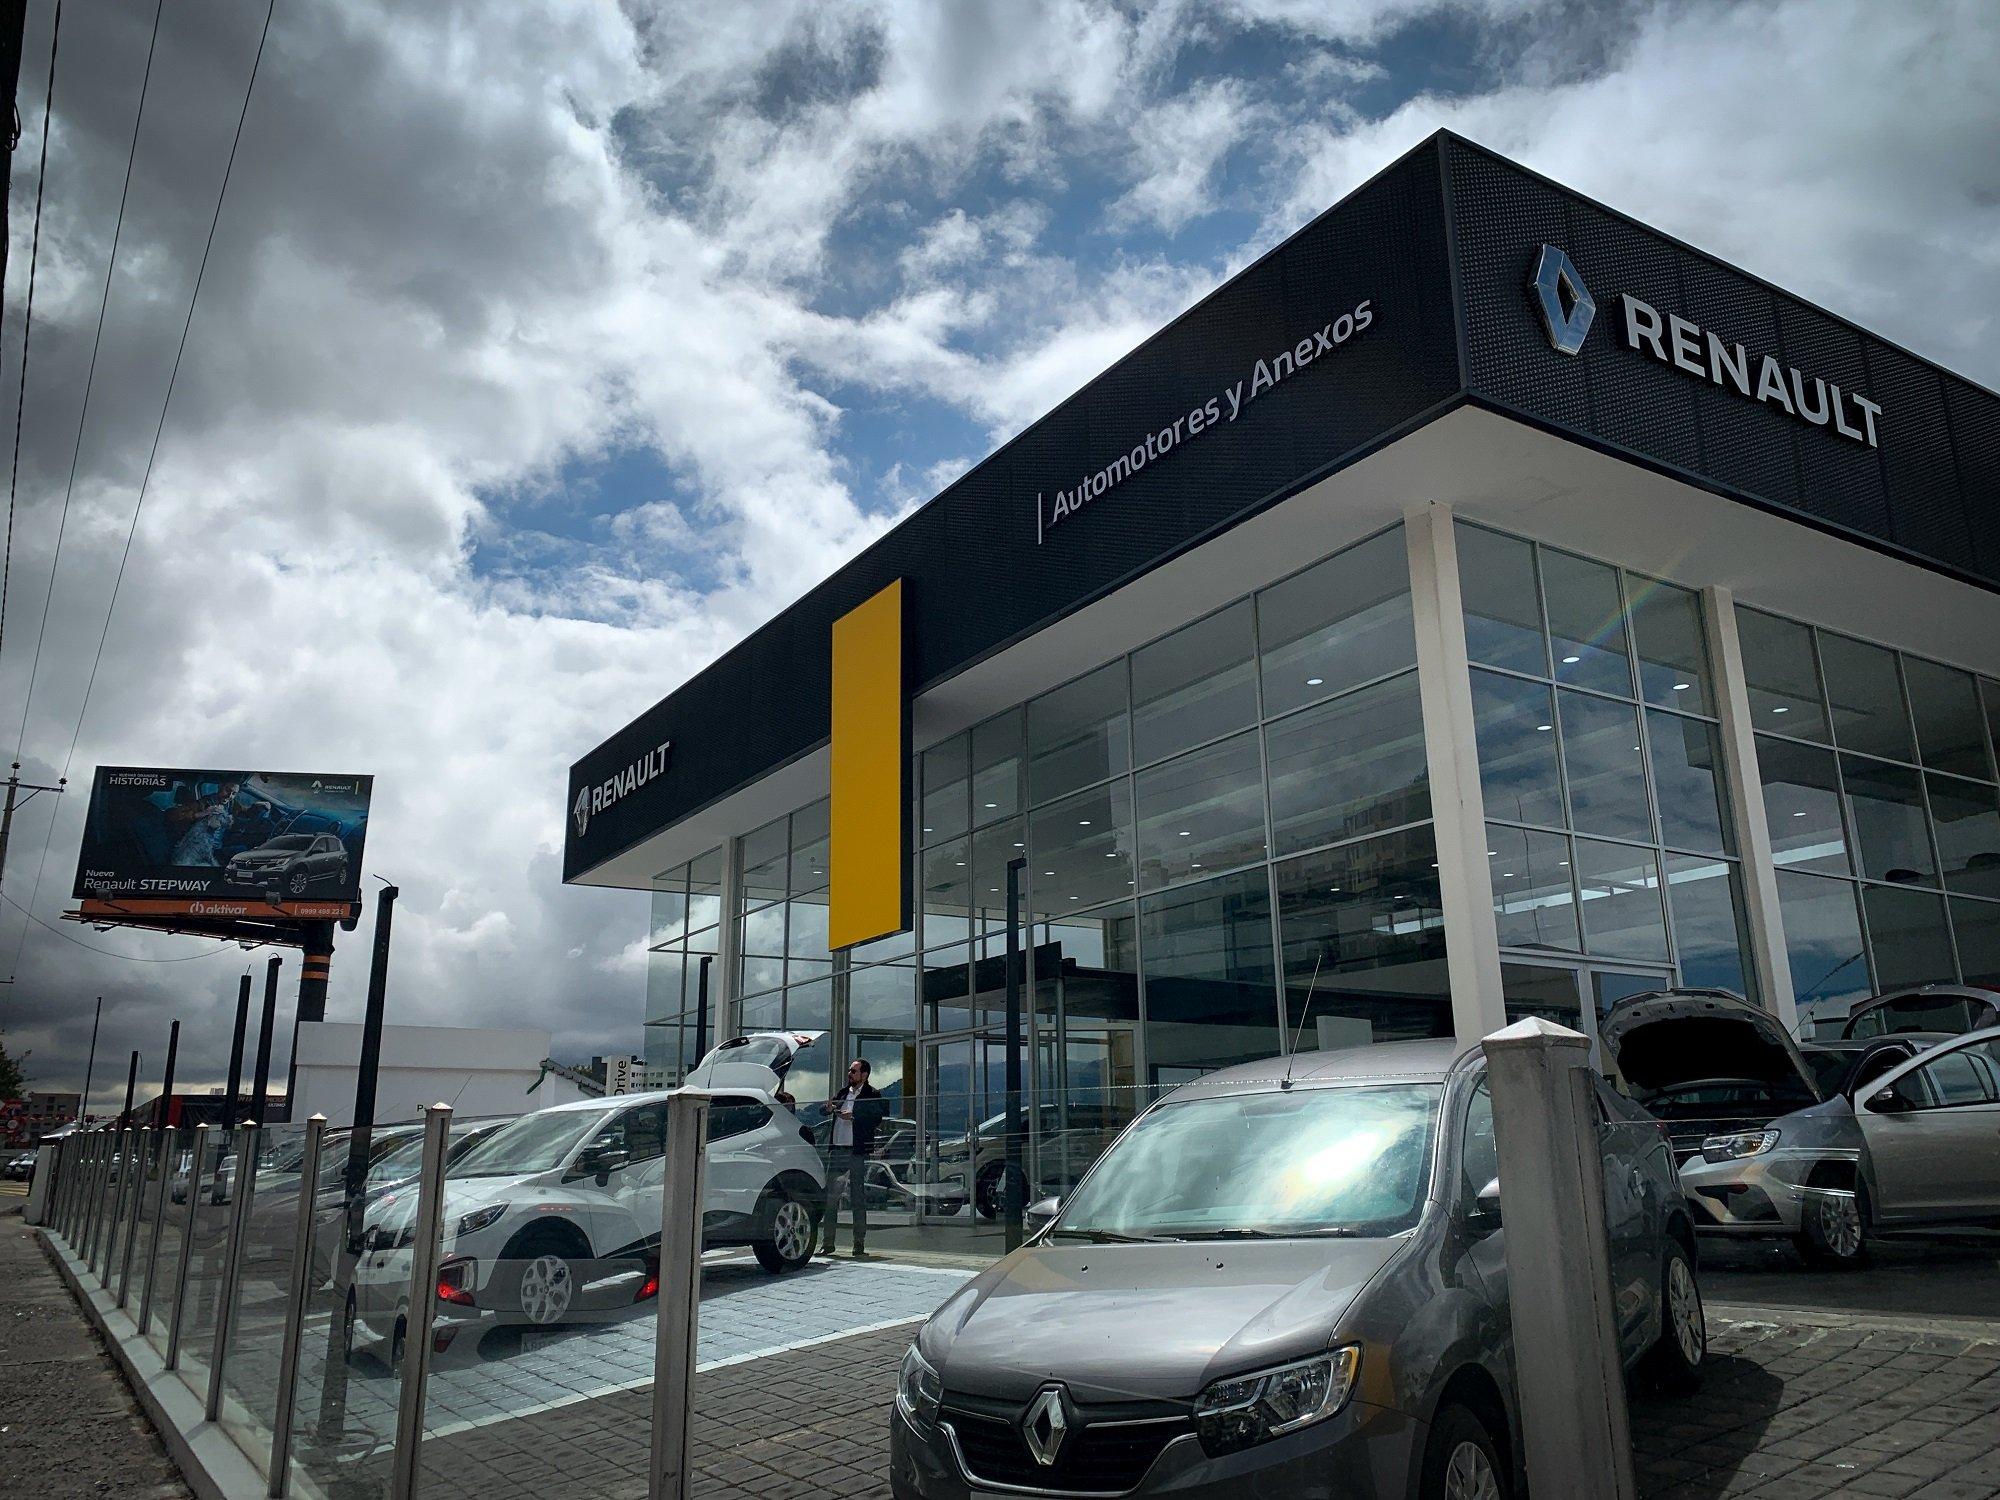 Concesionario-Vehiculos-Renault-Eloy-Alfaro-A3-Arquitectos-Quito-Ecuador-2